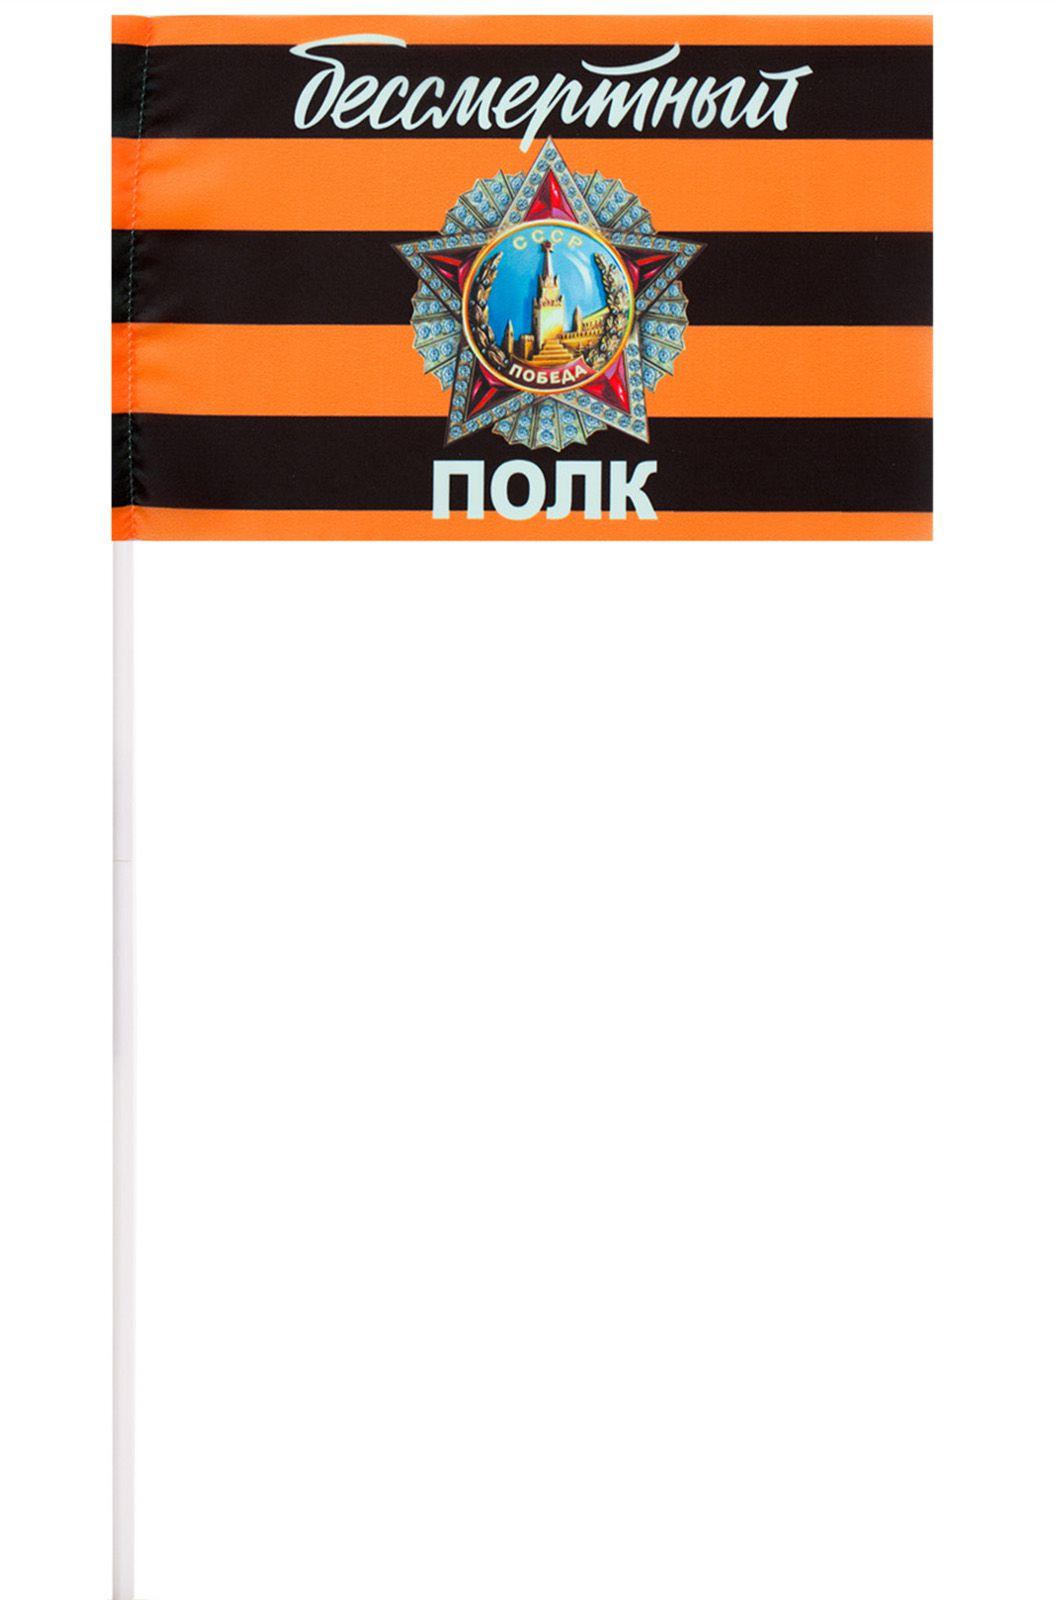 Флажок с орденом Победы